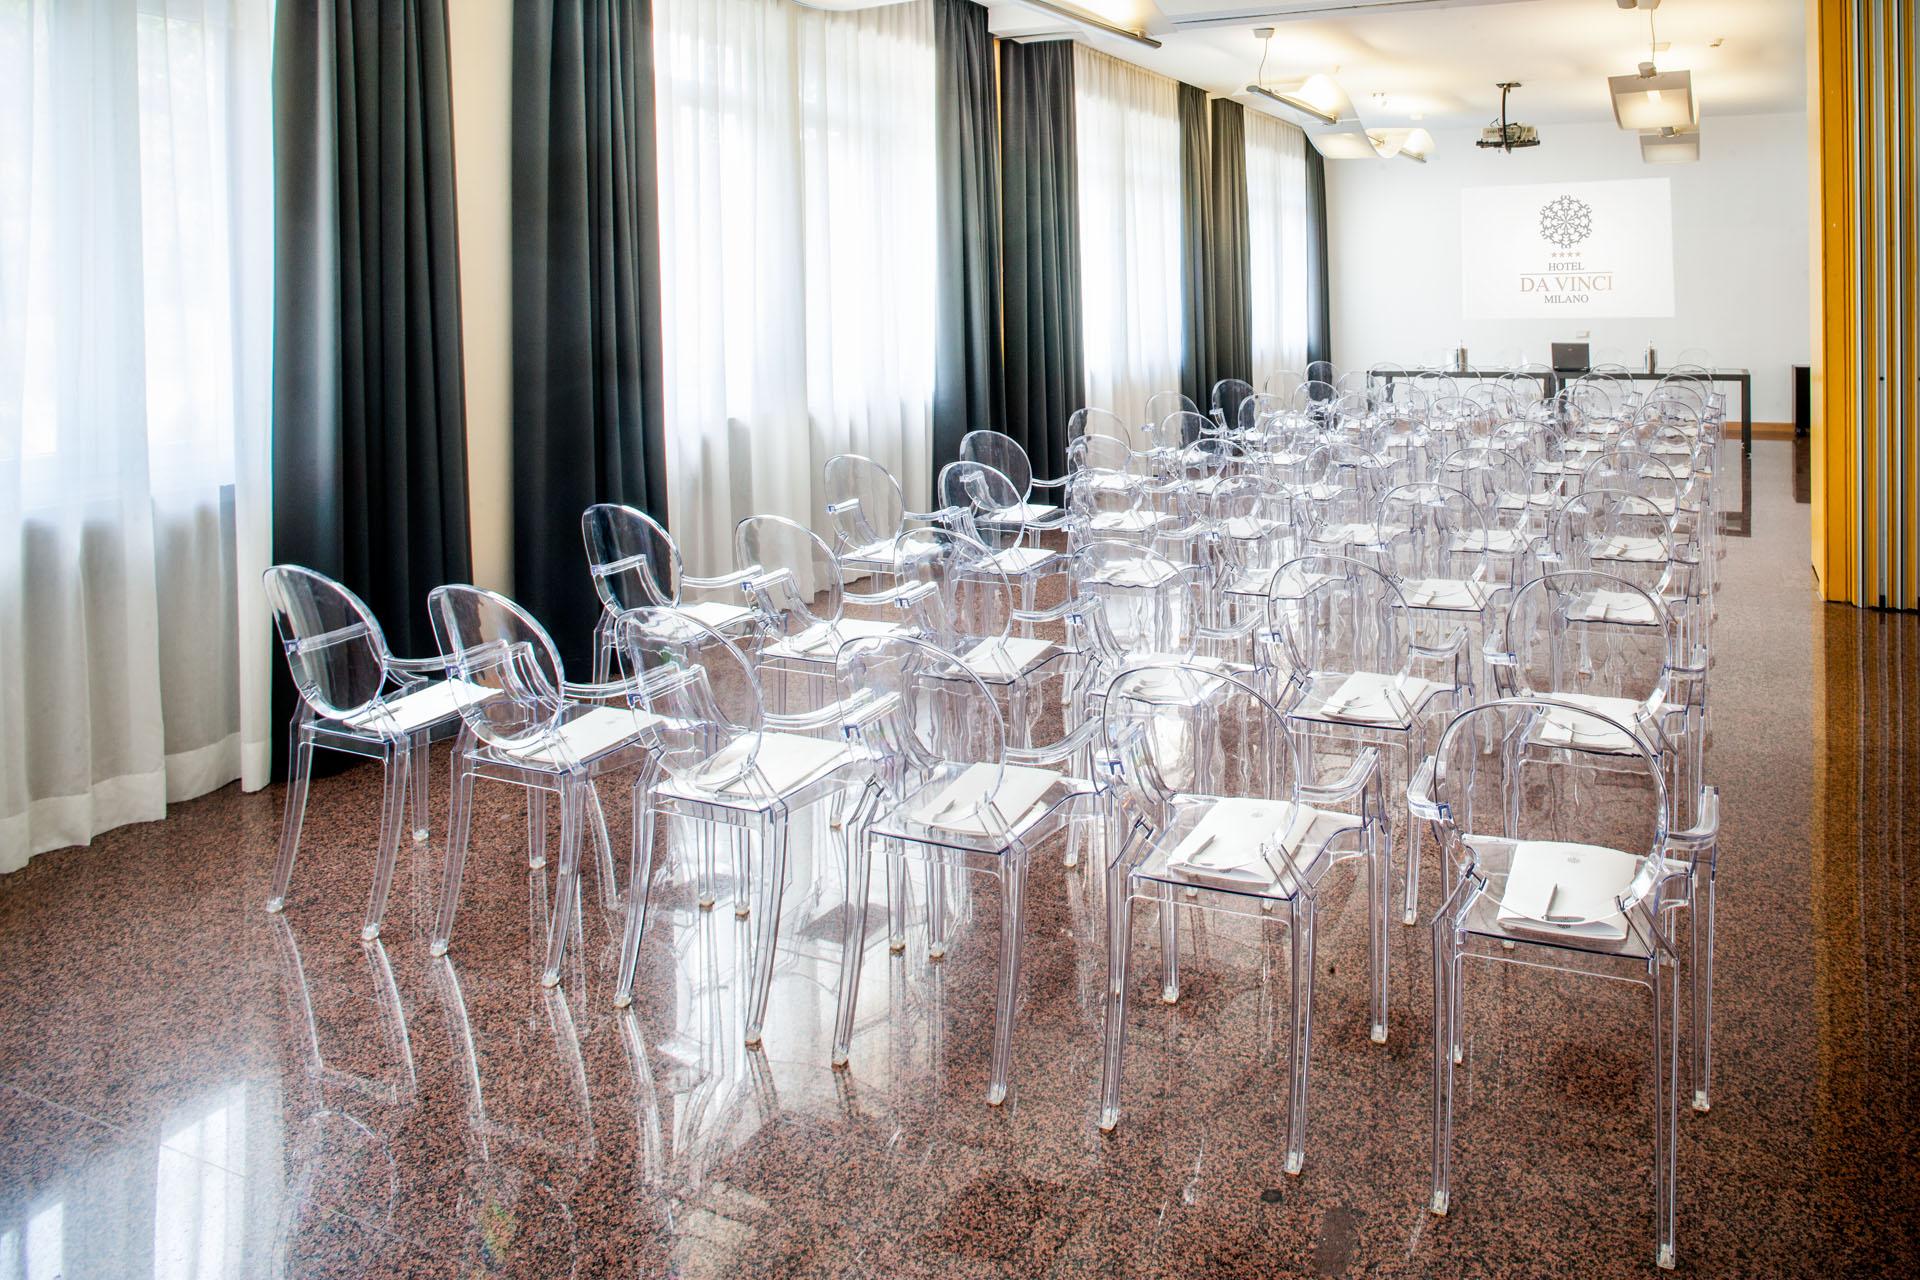 Sala Da The Milano.Hotel Da Vinci